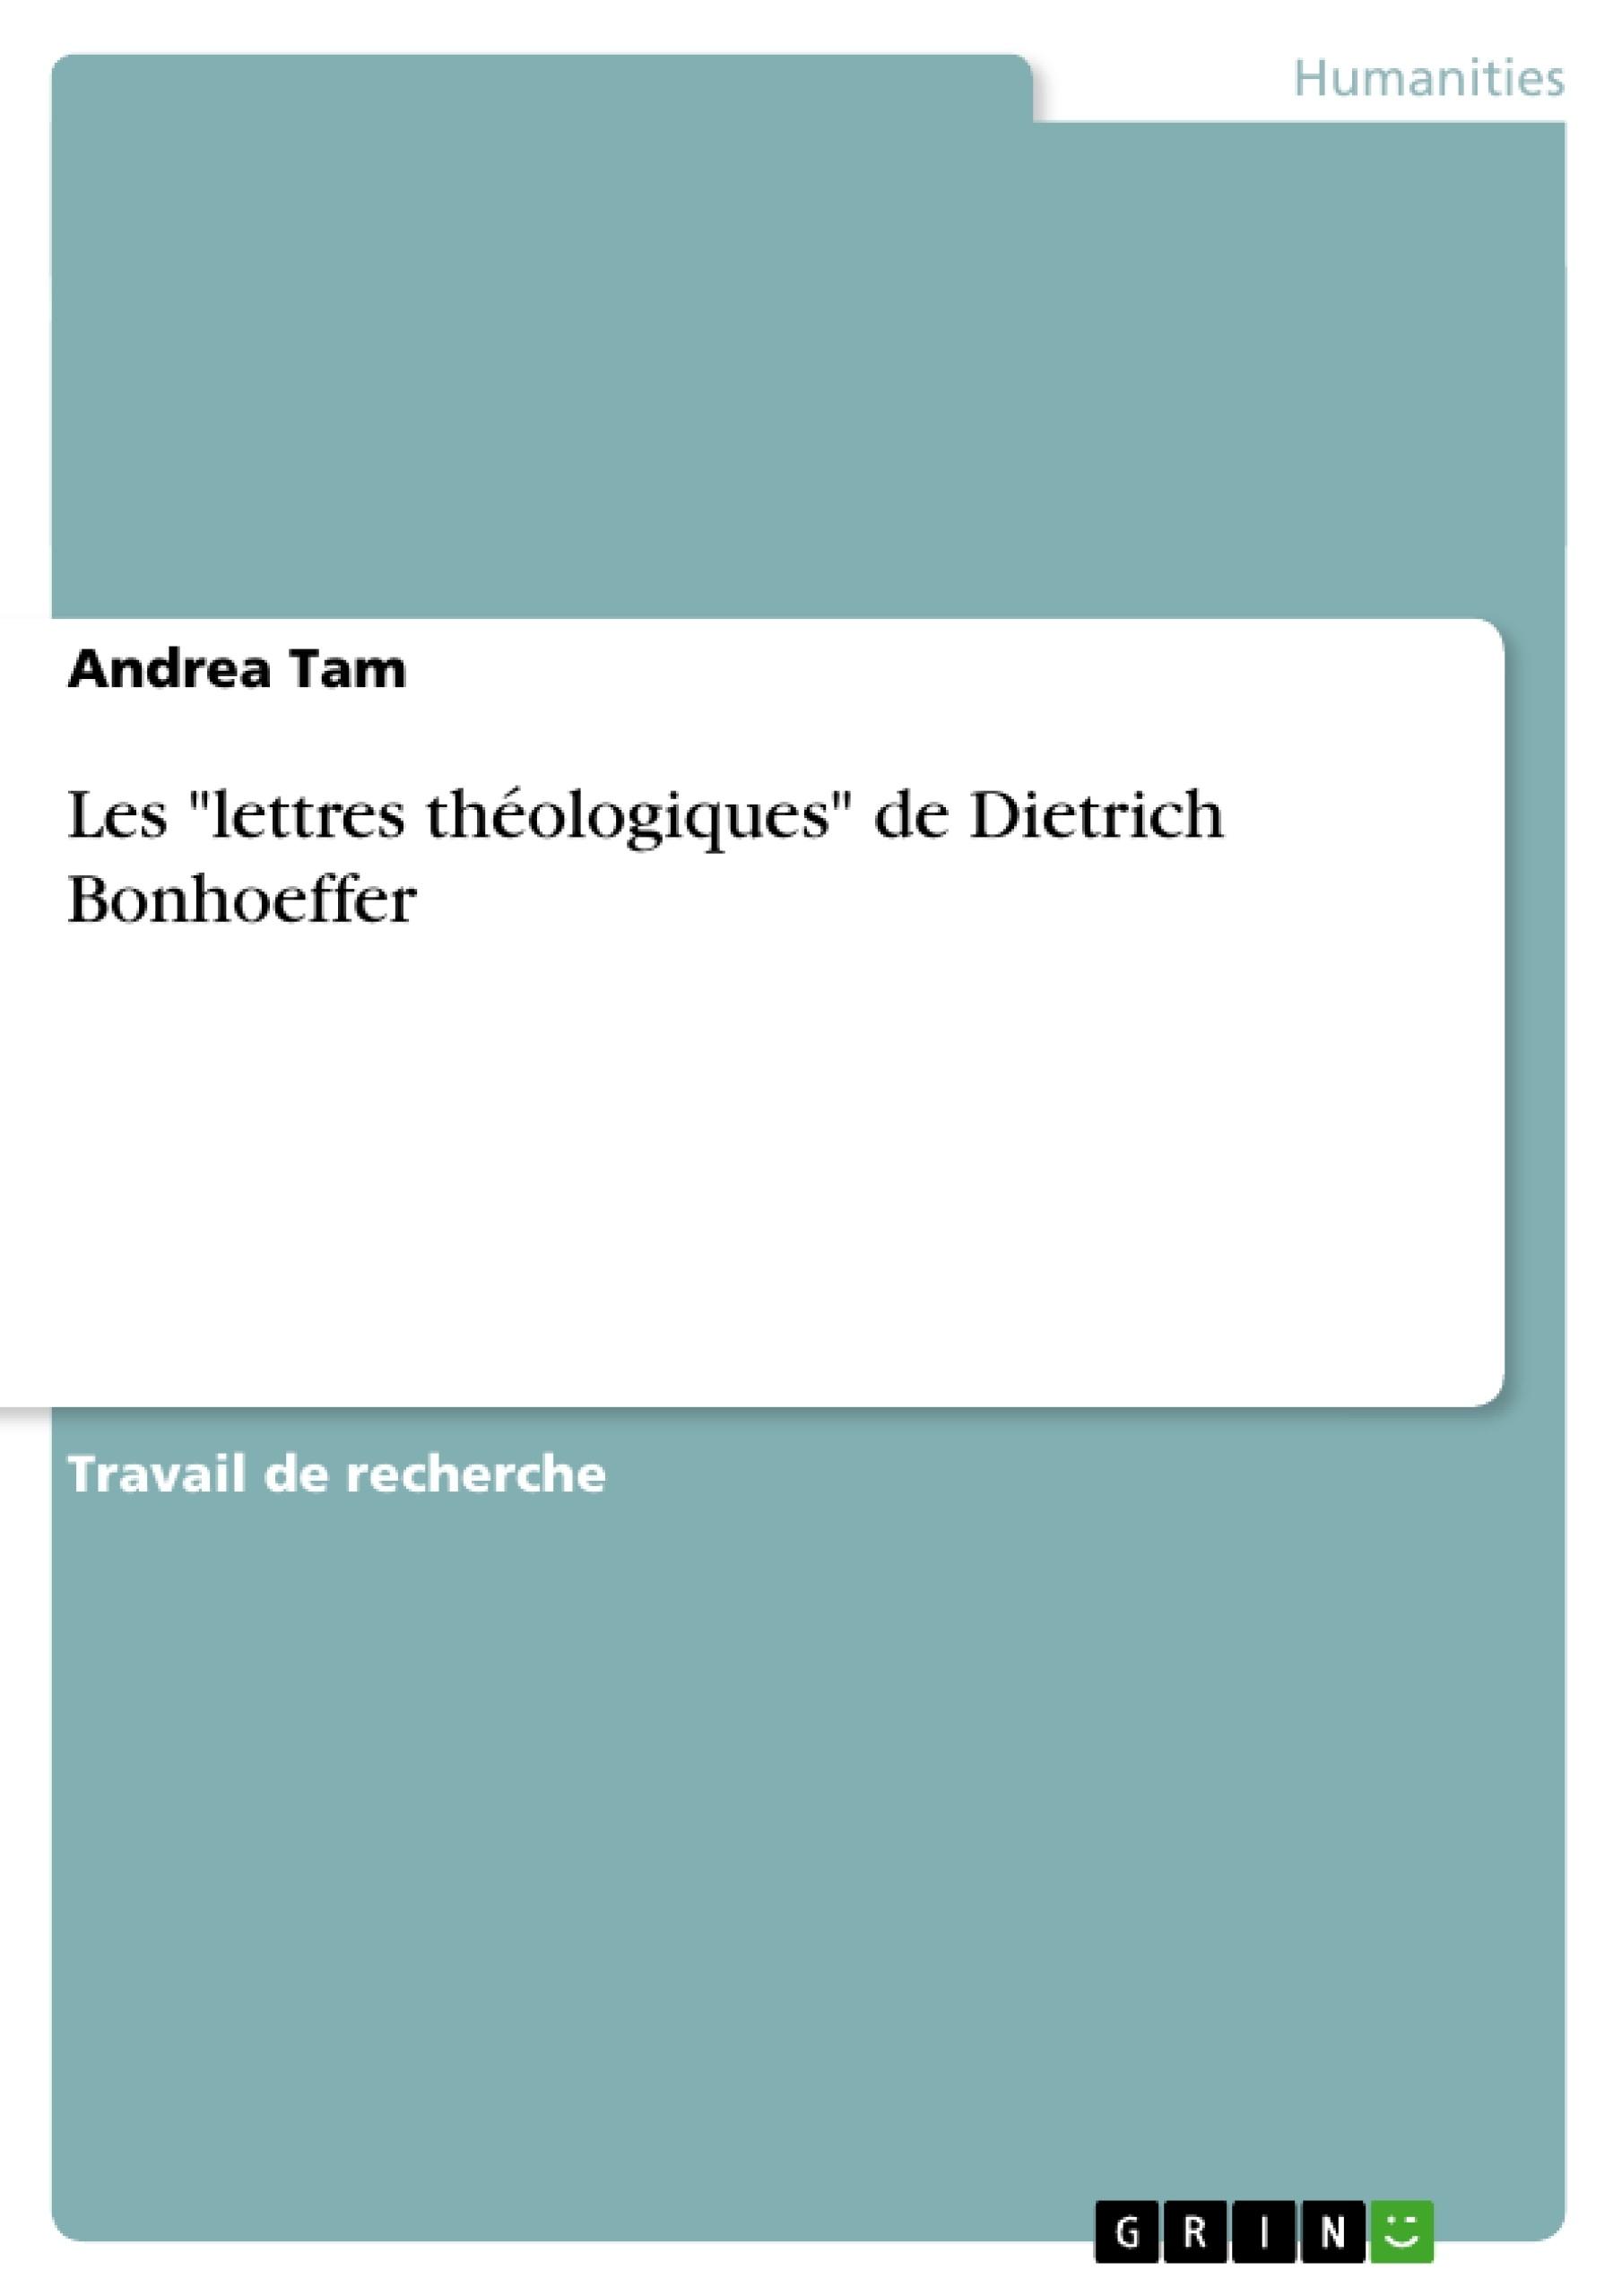 """Titre: Les """"lettres théologiques"""" de Dietrich Bonhoeffer"""